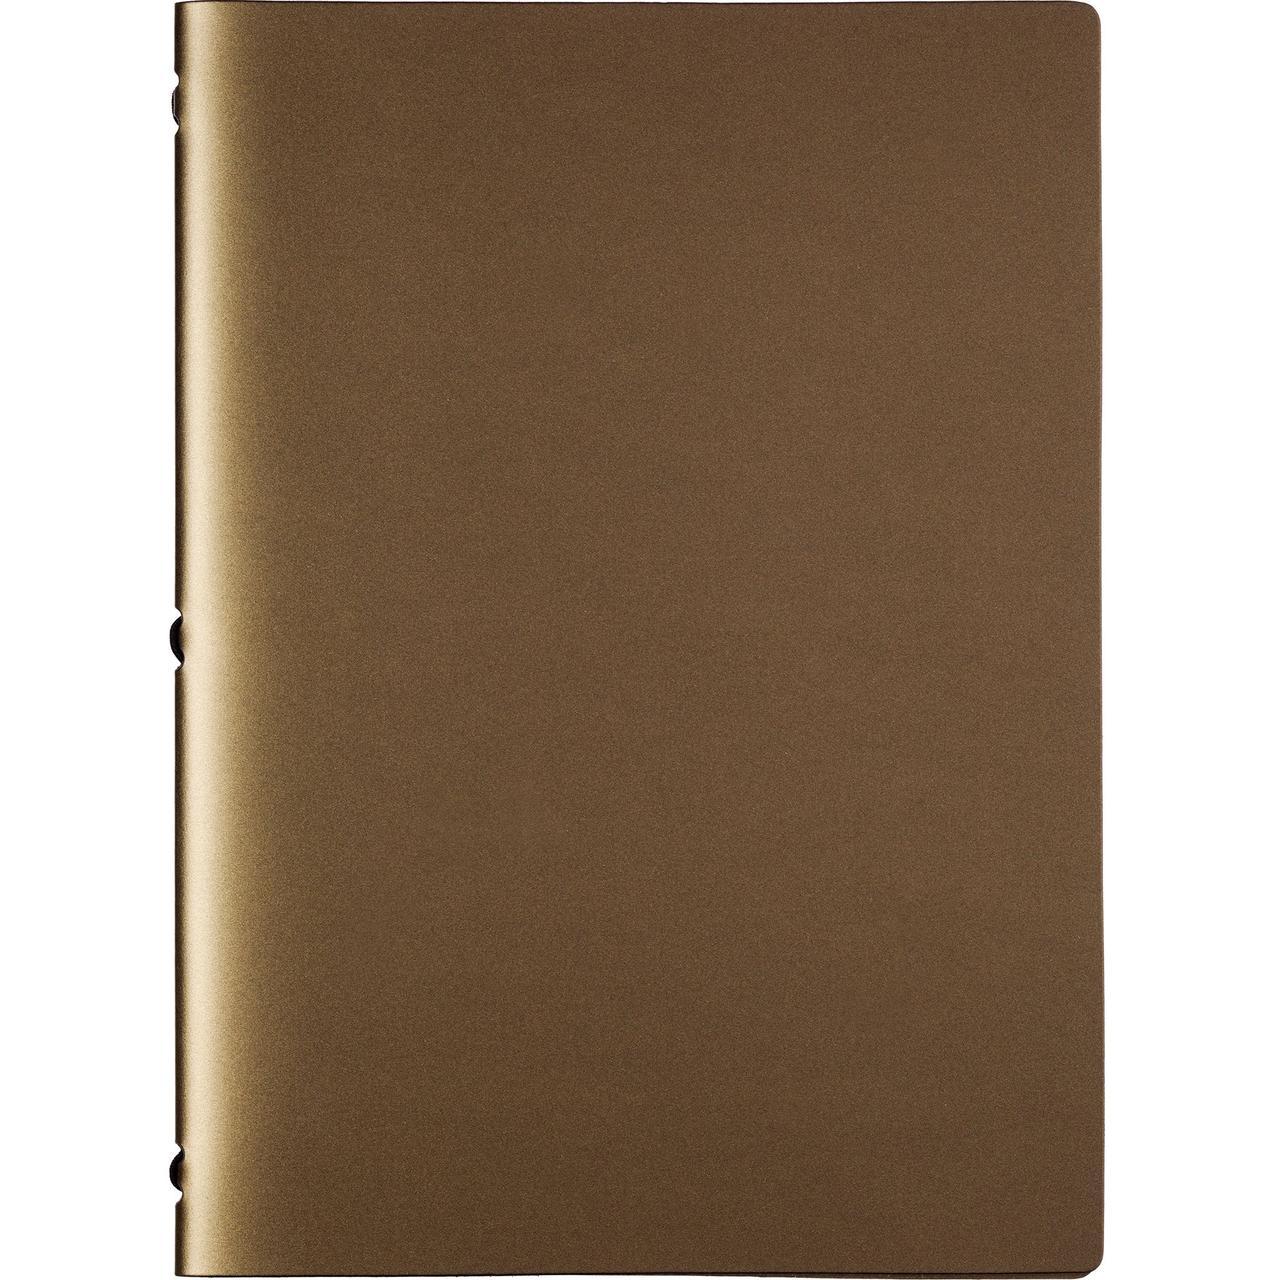 Папка-меню Satiness, коричневая